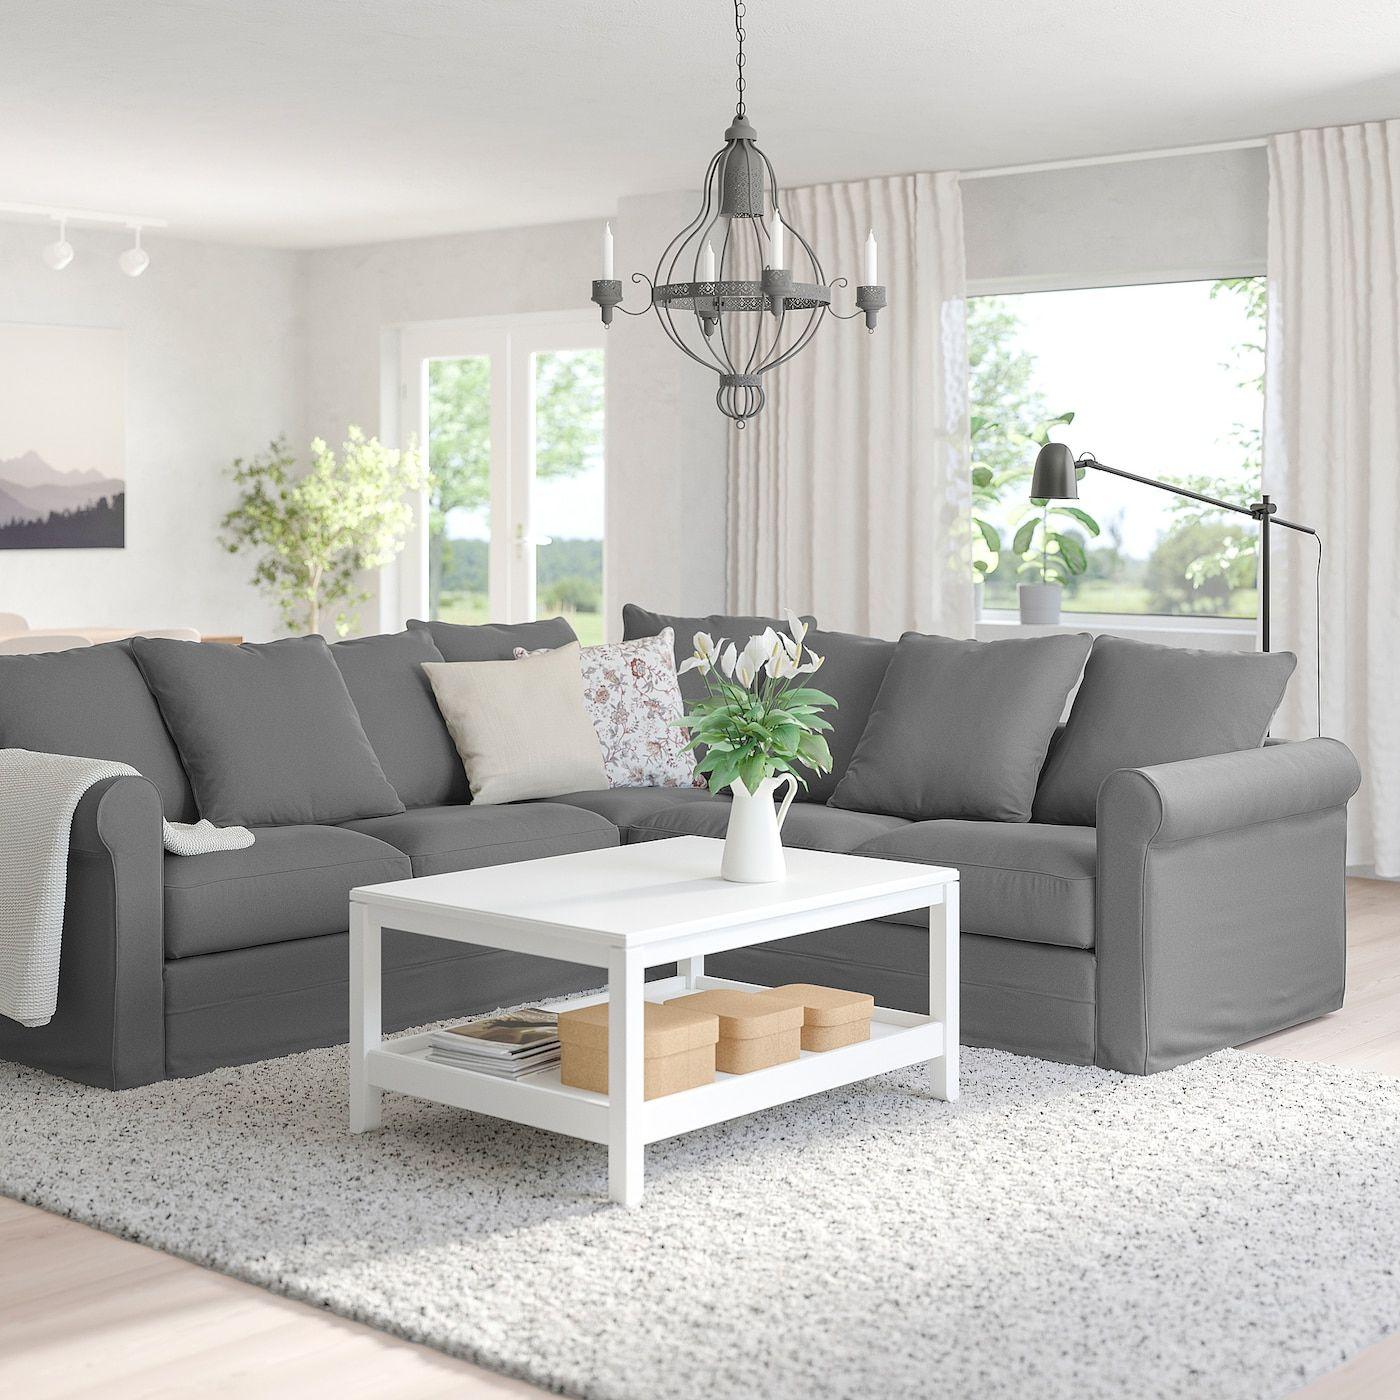 Ikea Gr Ouml Nlid Ecksofa 4 Sitzig Ljungen Mittelgrau In 2020 Ecksofa Recamiere Sofa